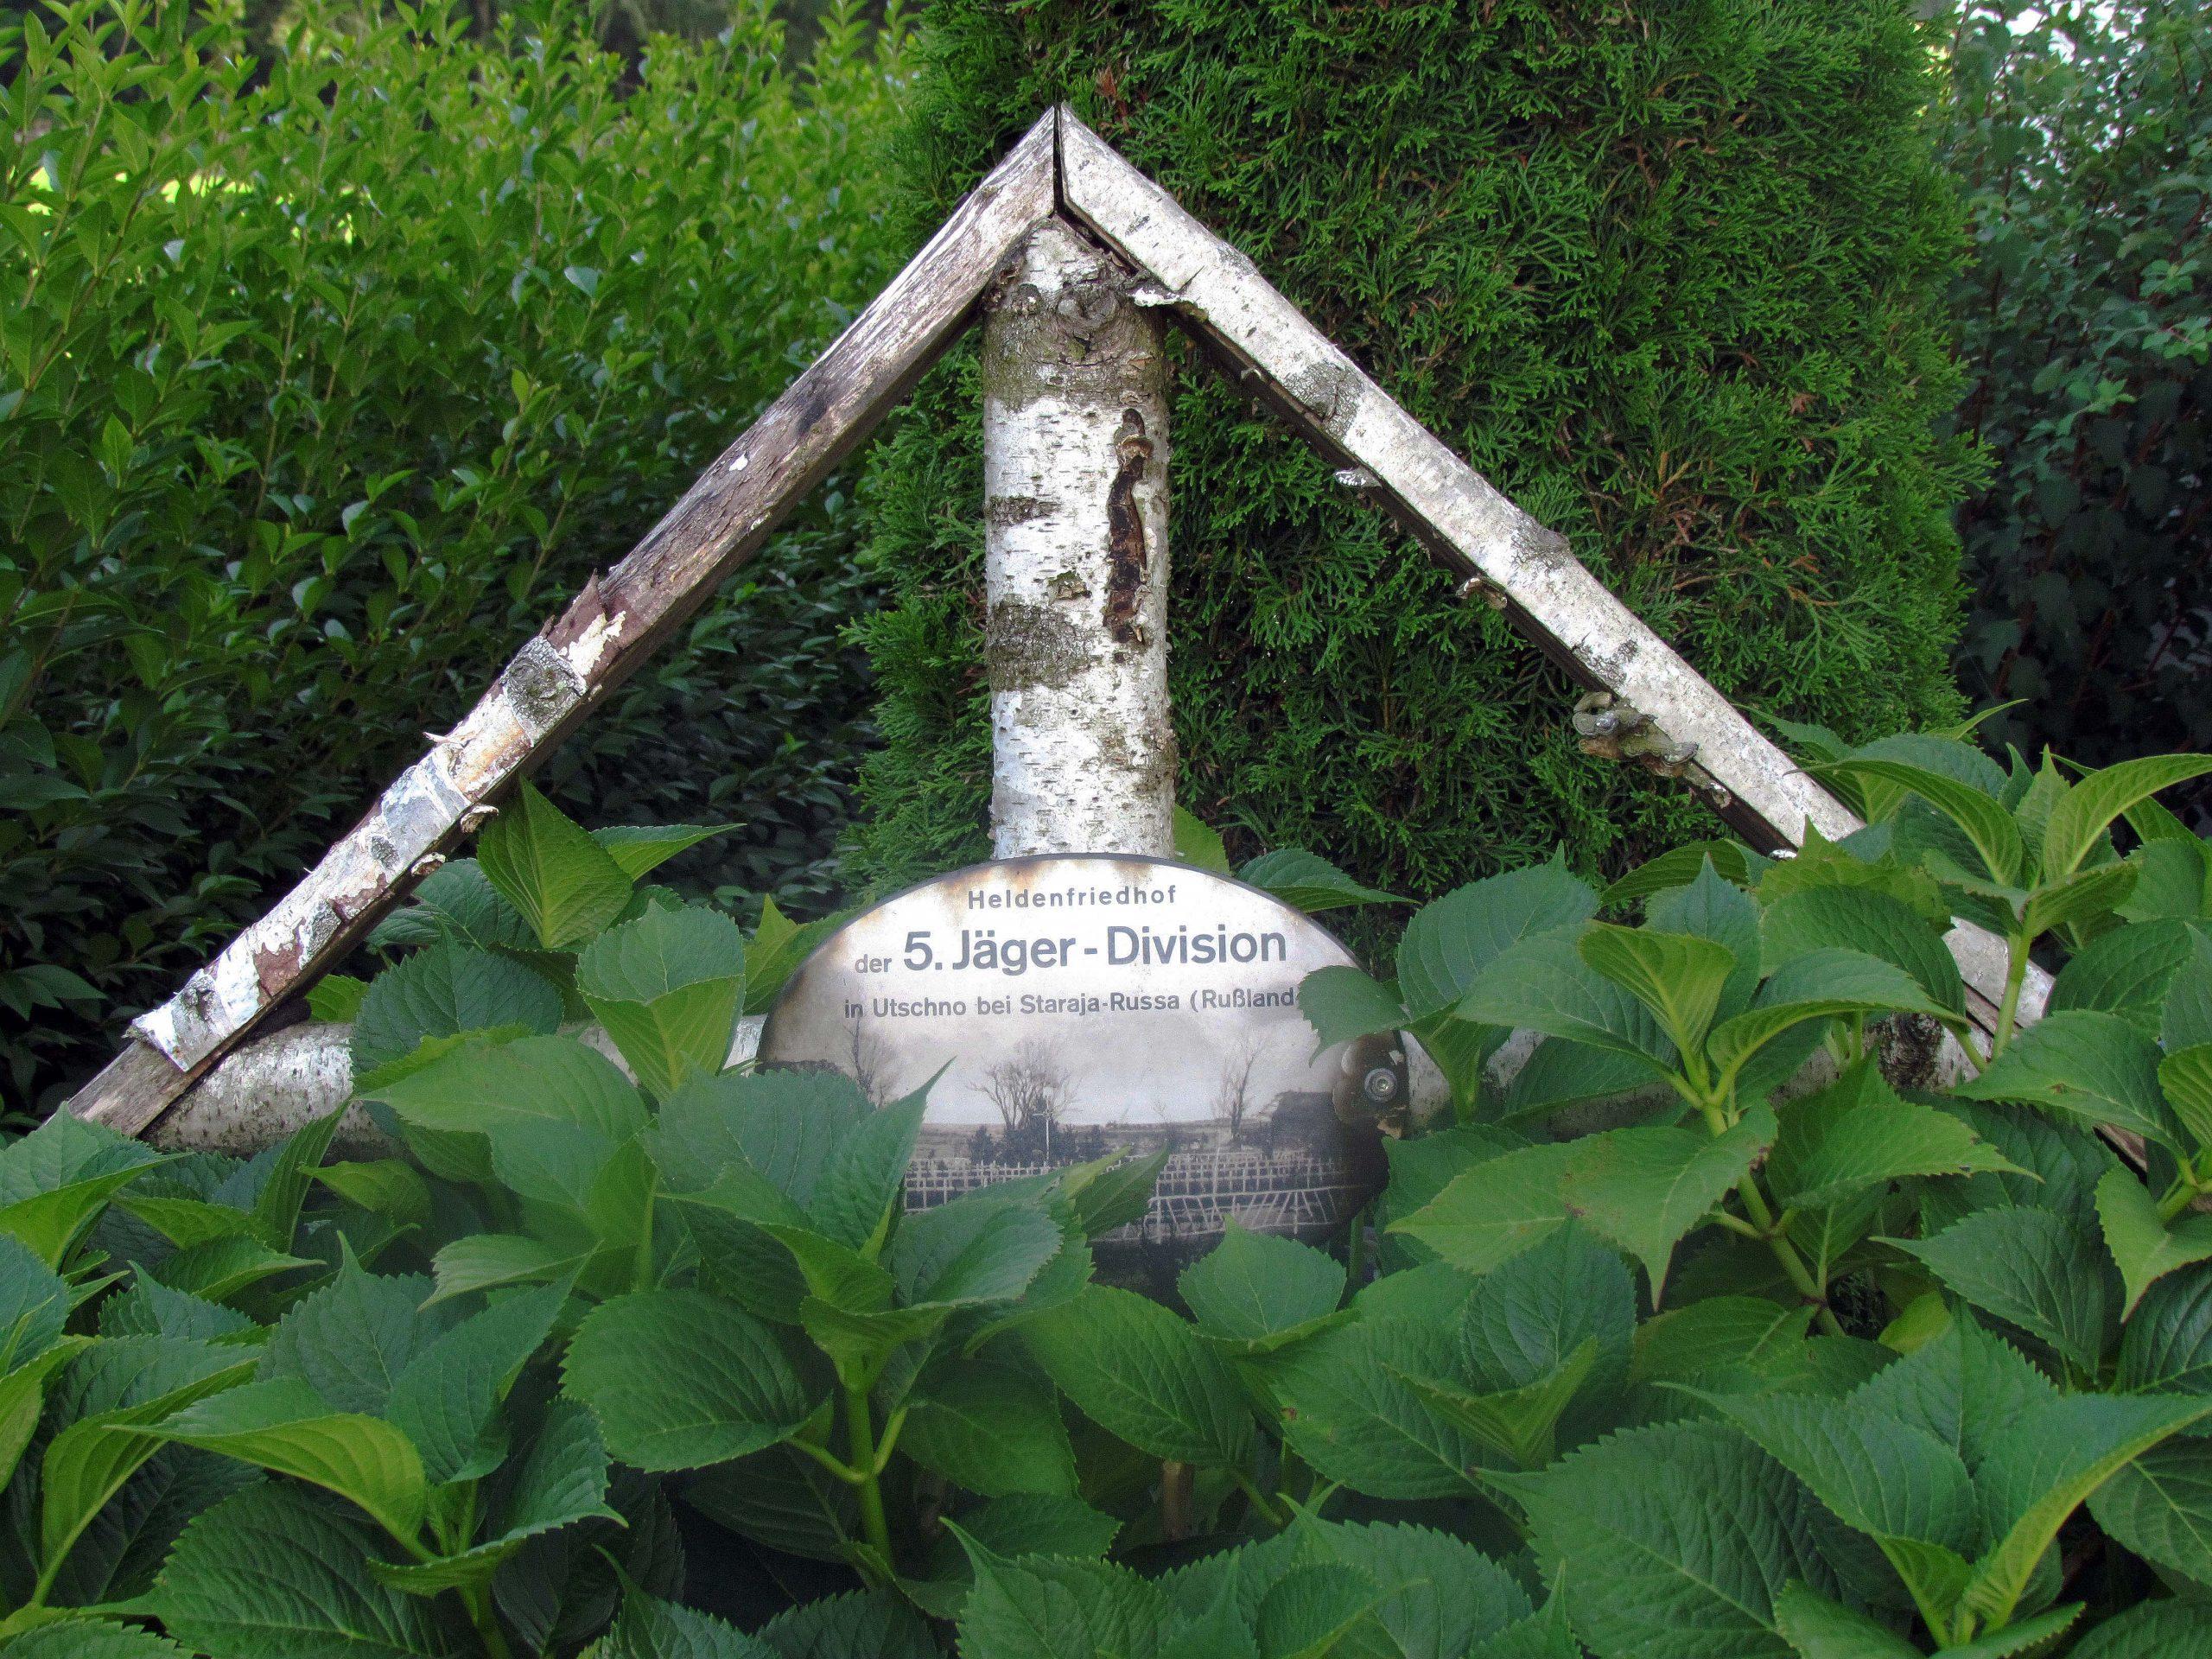 Bei der Gedächtniskapelle wurde bis 2011 mit einem Treffen an Christi Himmelfahrt den gefallenen Soldaten der 5. Jäger-Division erinnert